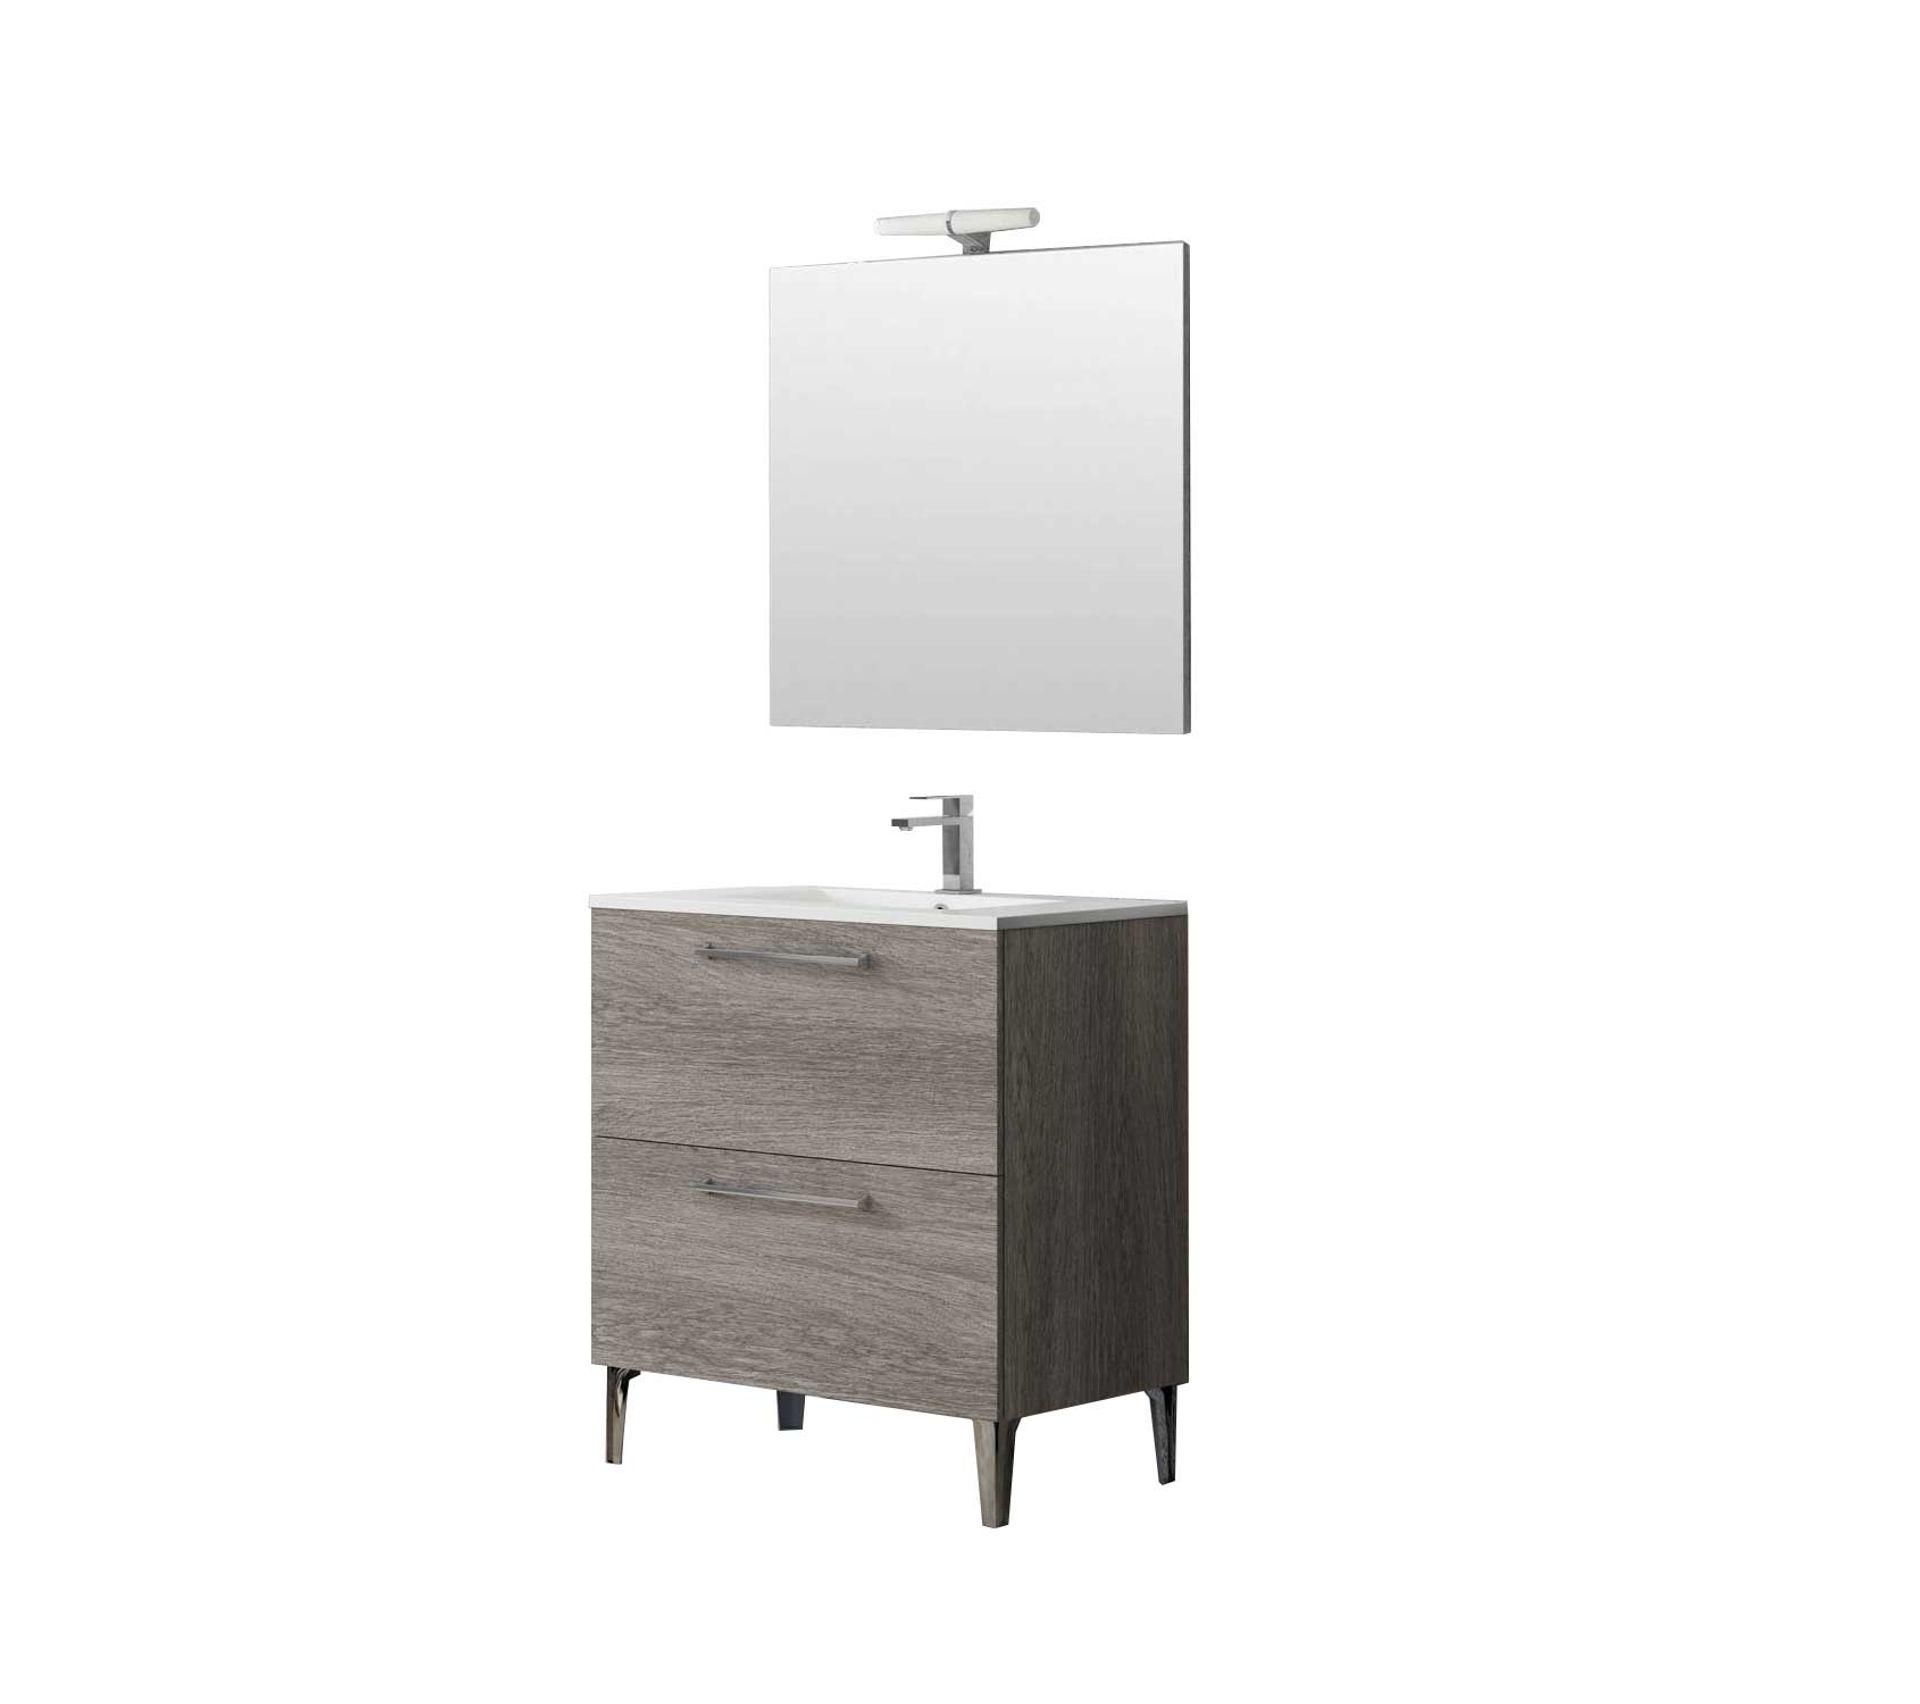 Tablette Salle De Bain 80 Cm ensemble de salle de bain deko 80 cm bois foncé